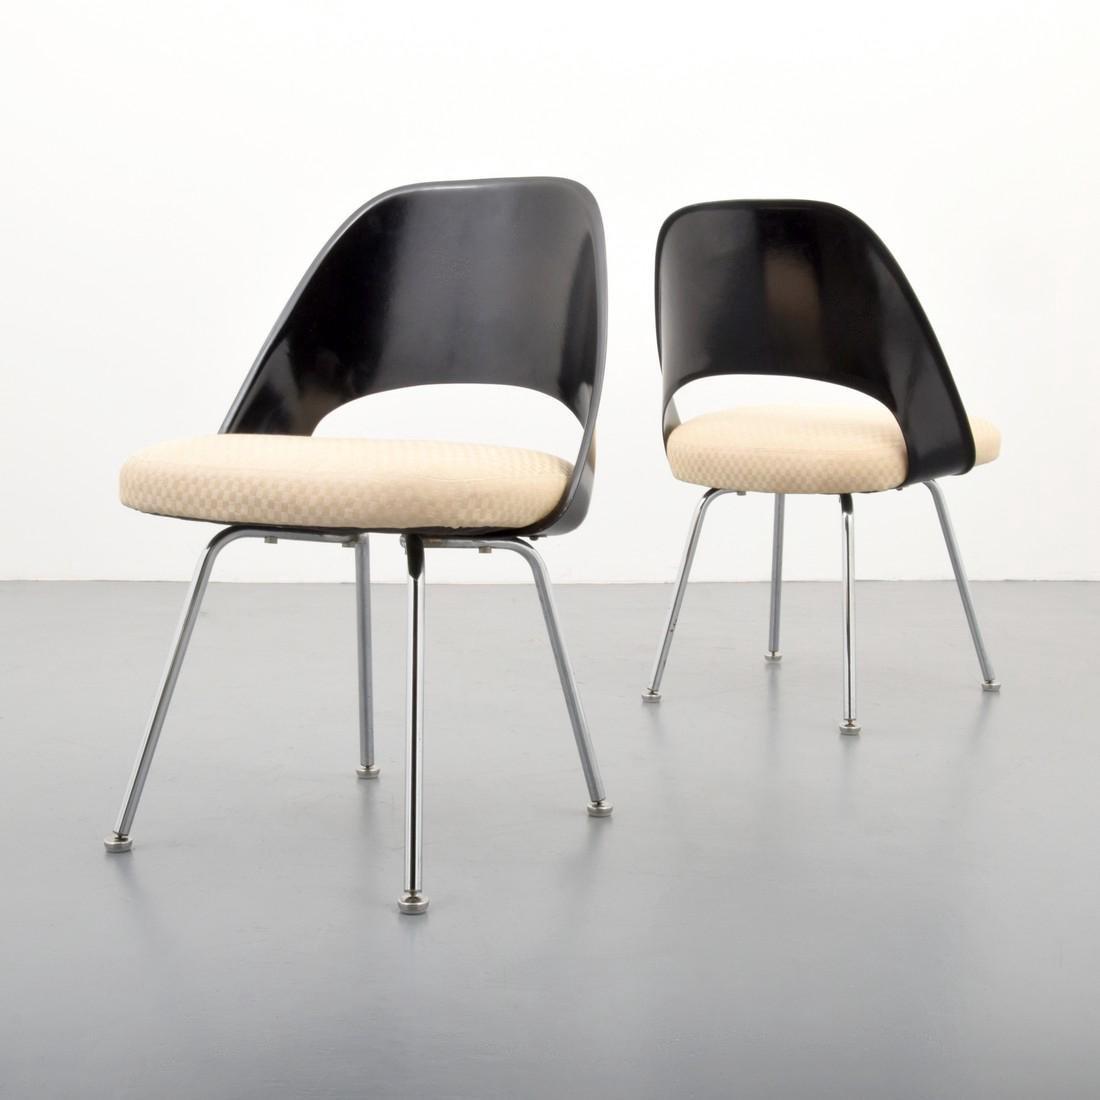 Eero Saarinen Dining Chairs, Set of 4 - 6